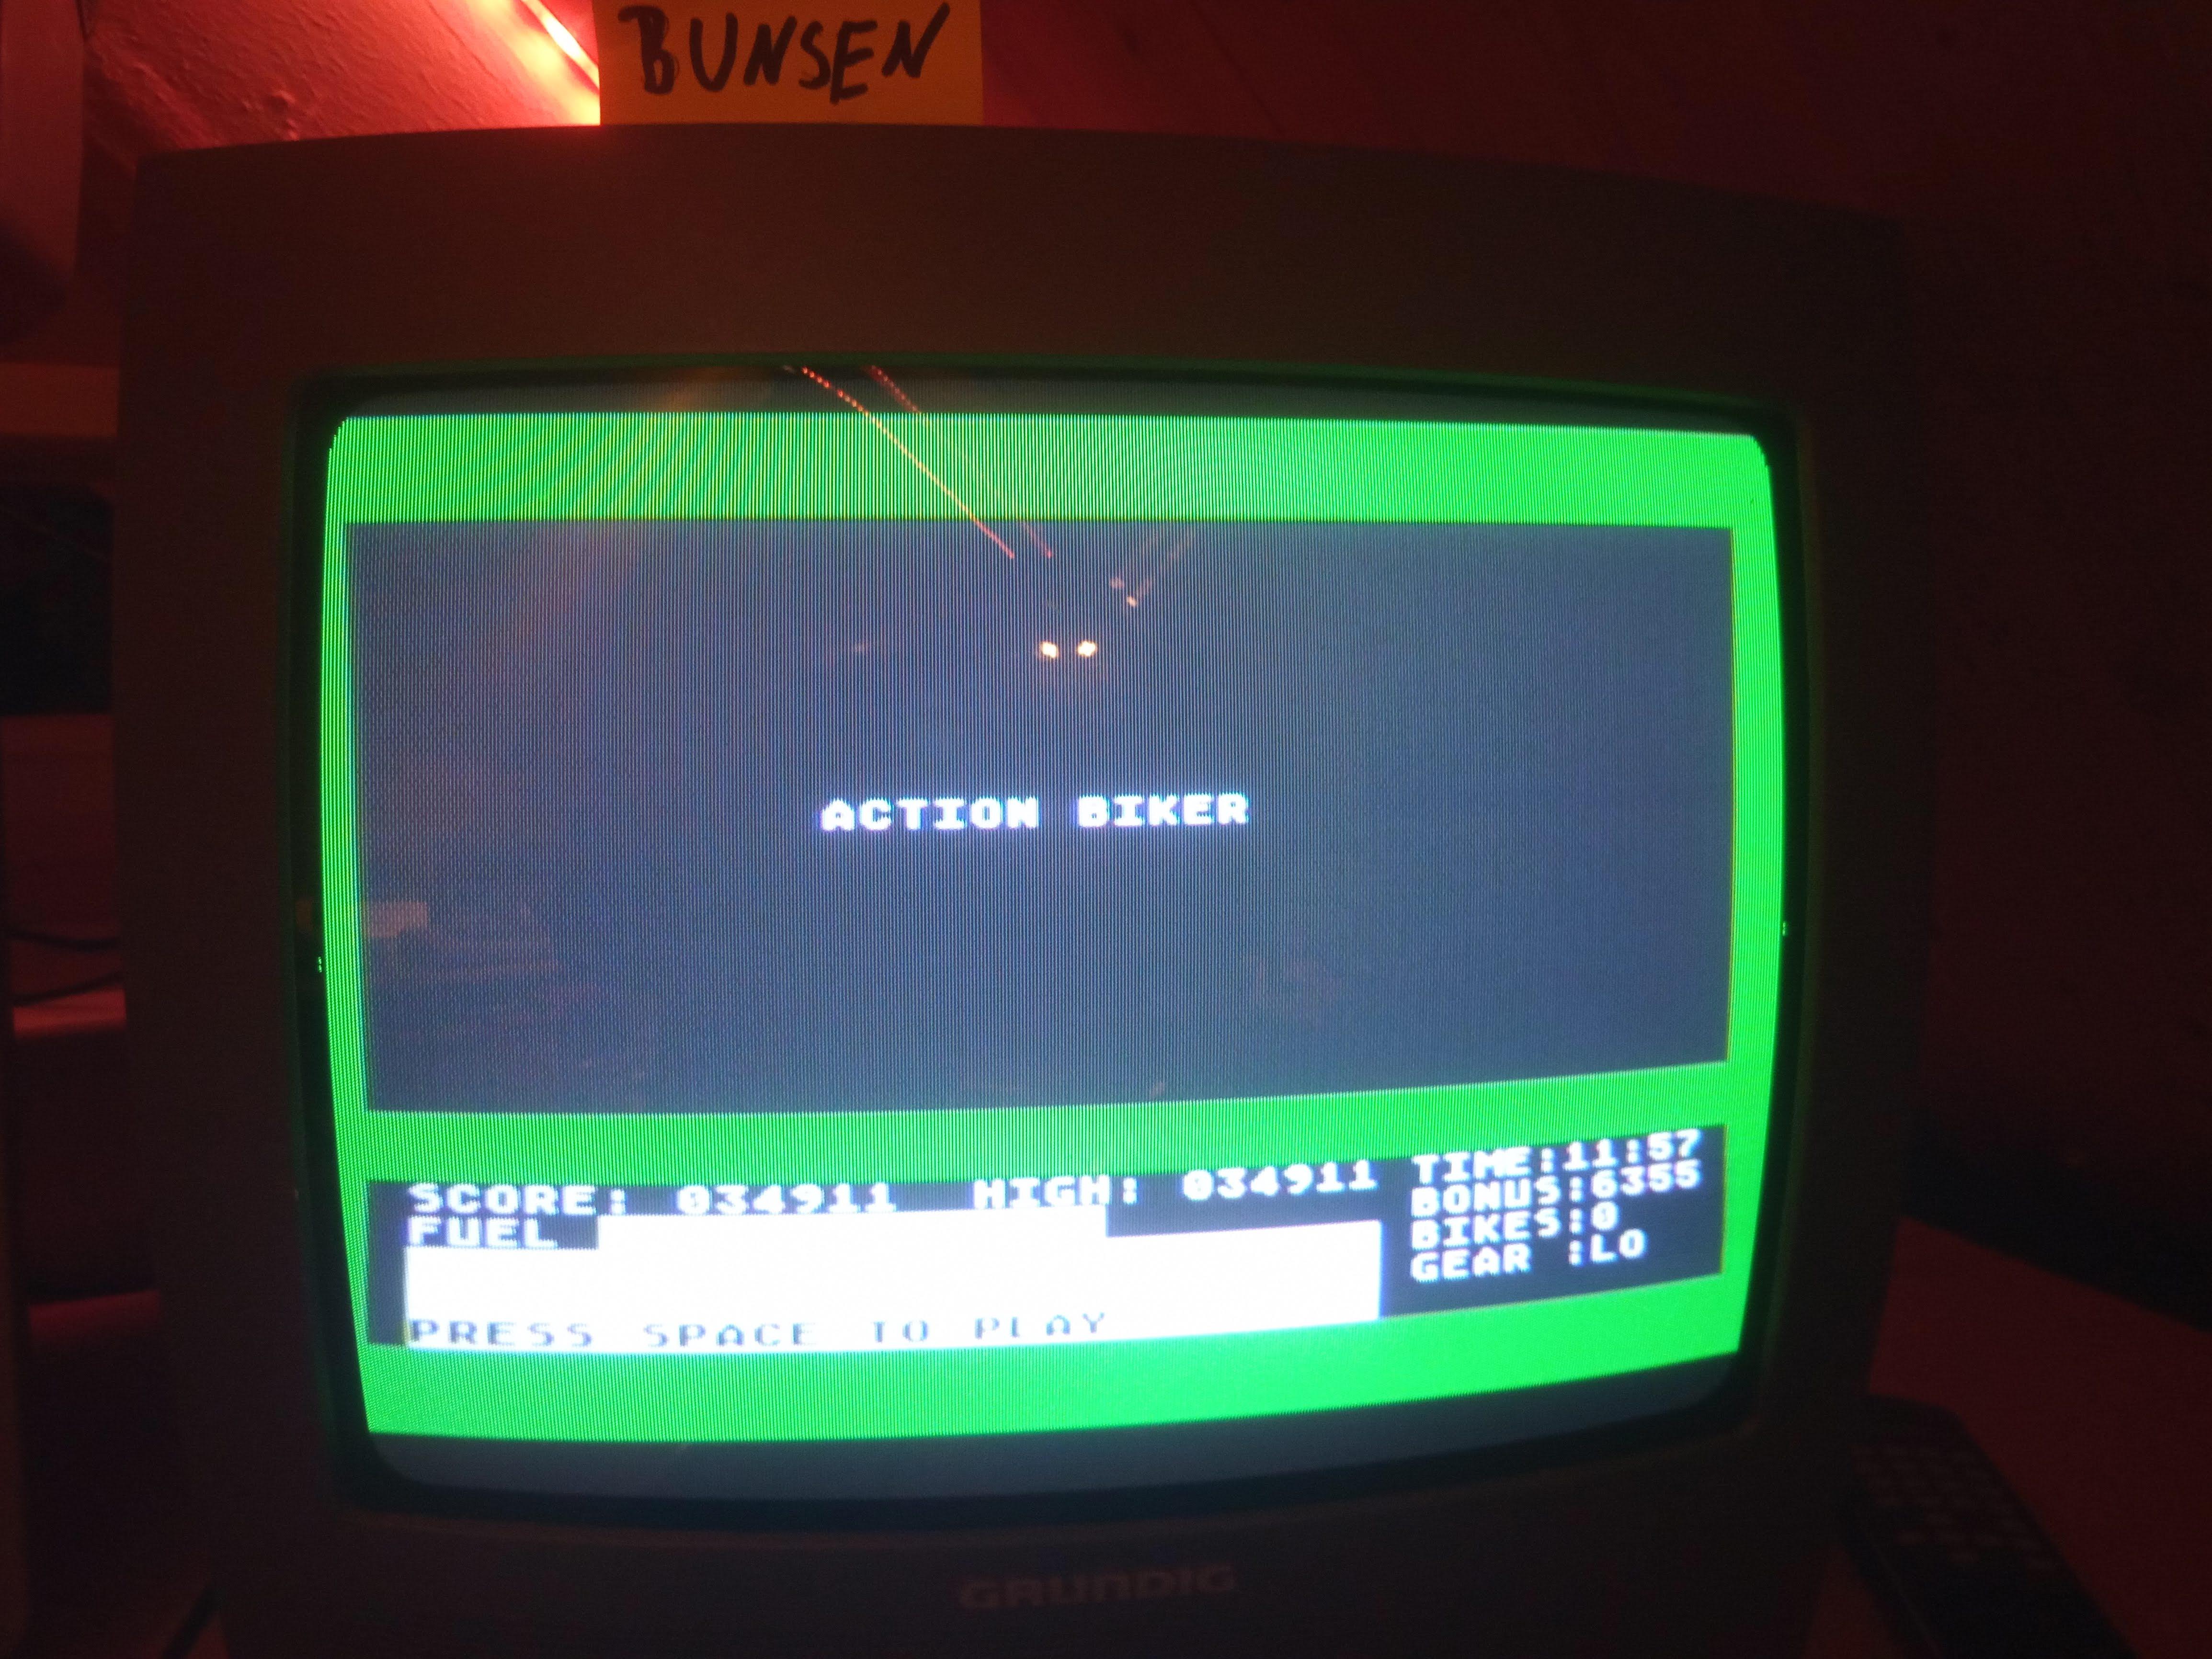 Bunsen: Action Biker (Atari 400/800/XL/XE) 34,911 points on 2020-04-18 15:55:17